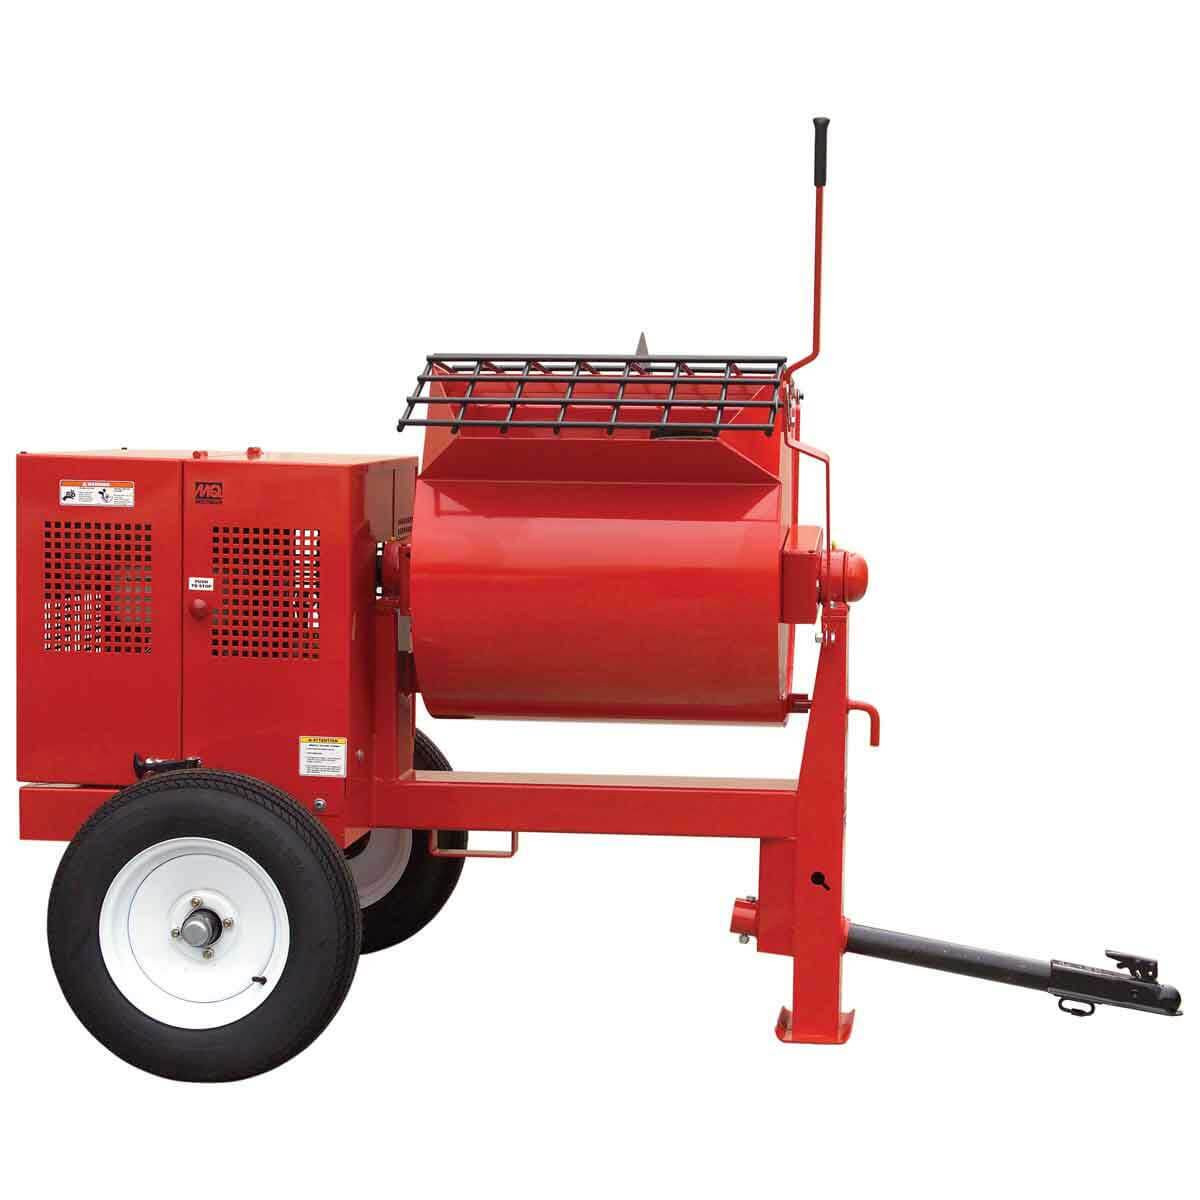 Multiquip Mortar mixer steel drum